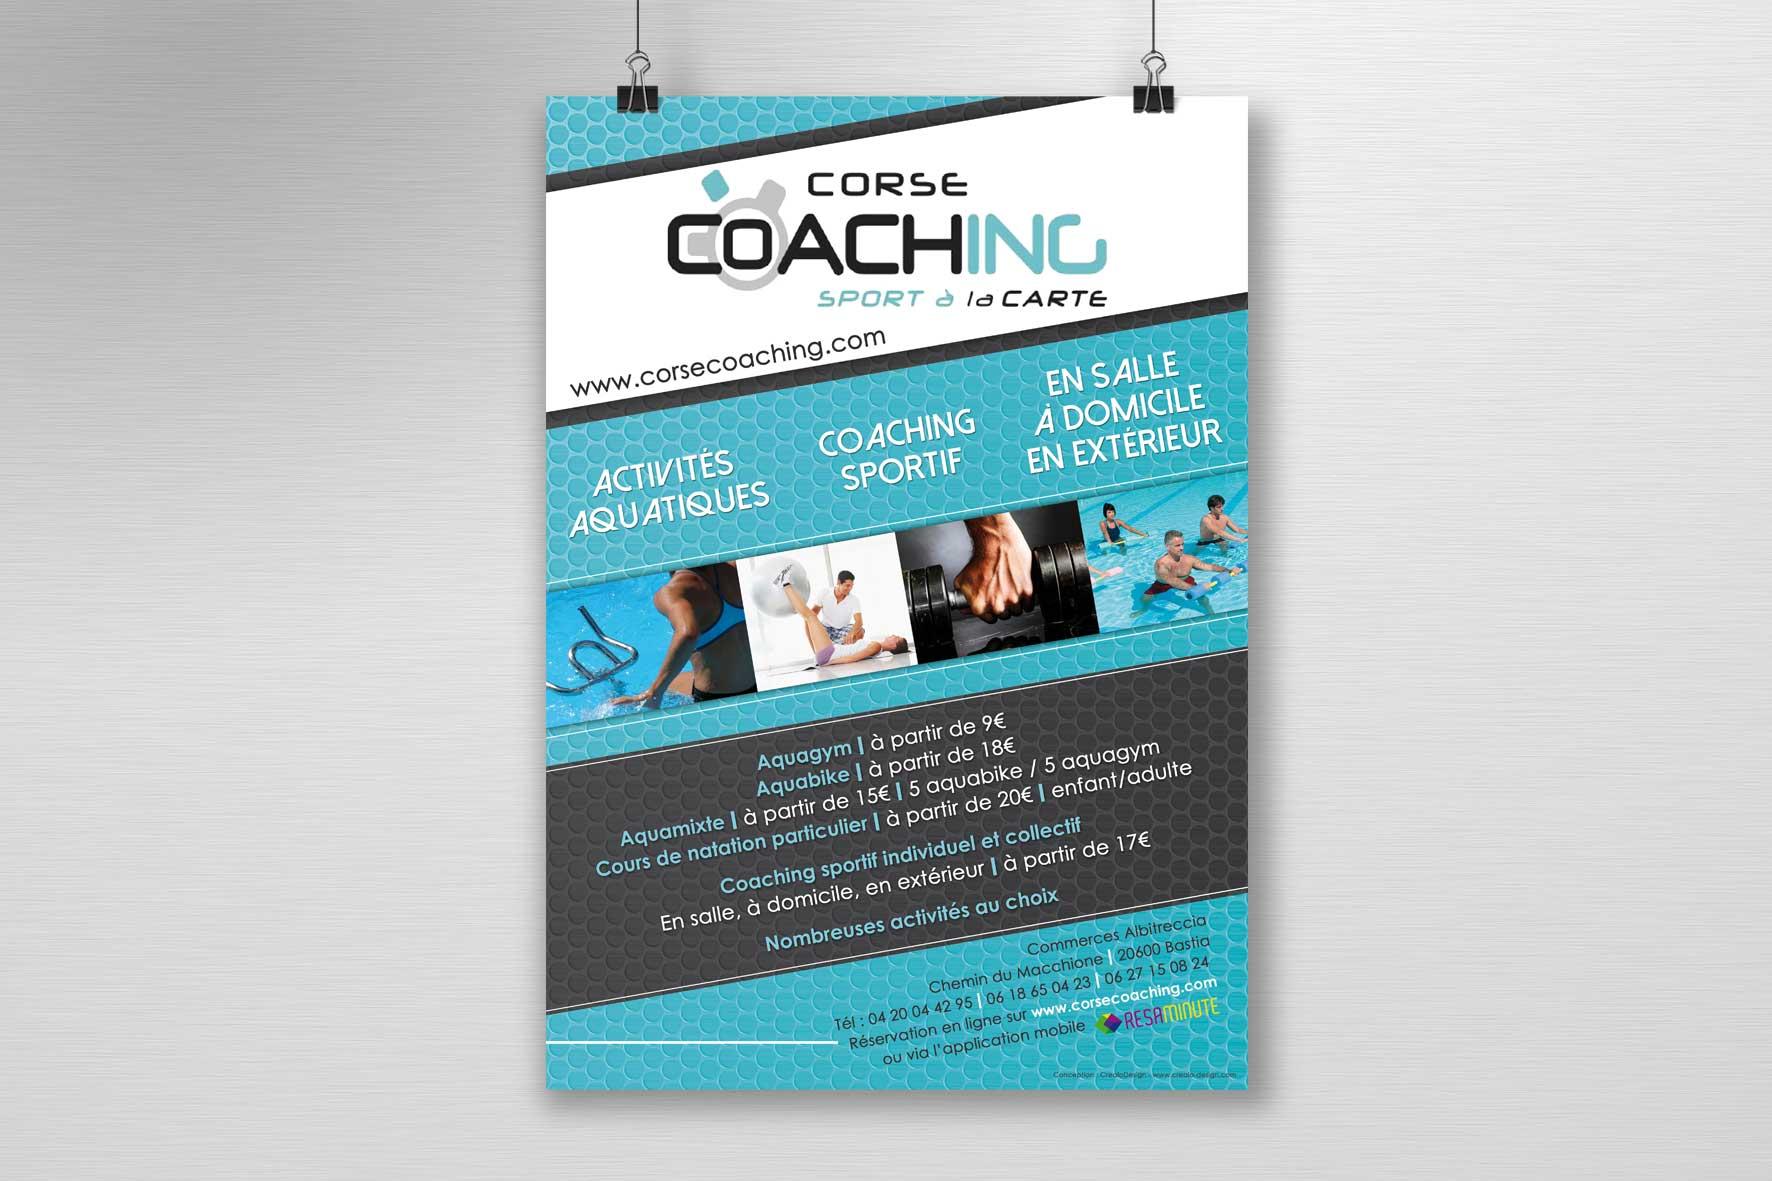 Corse Coaching